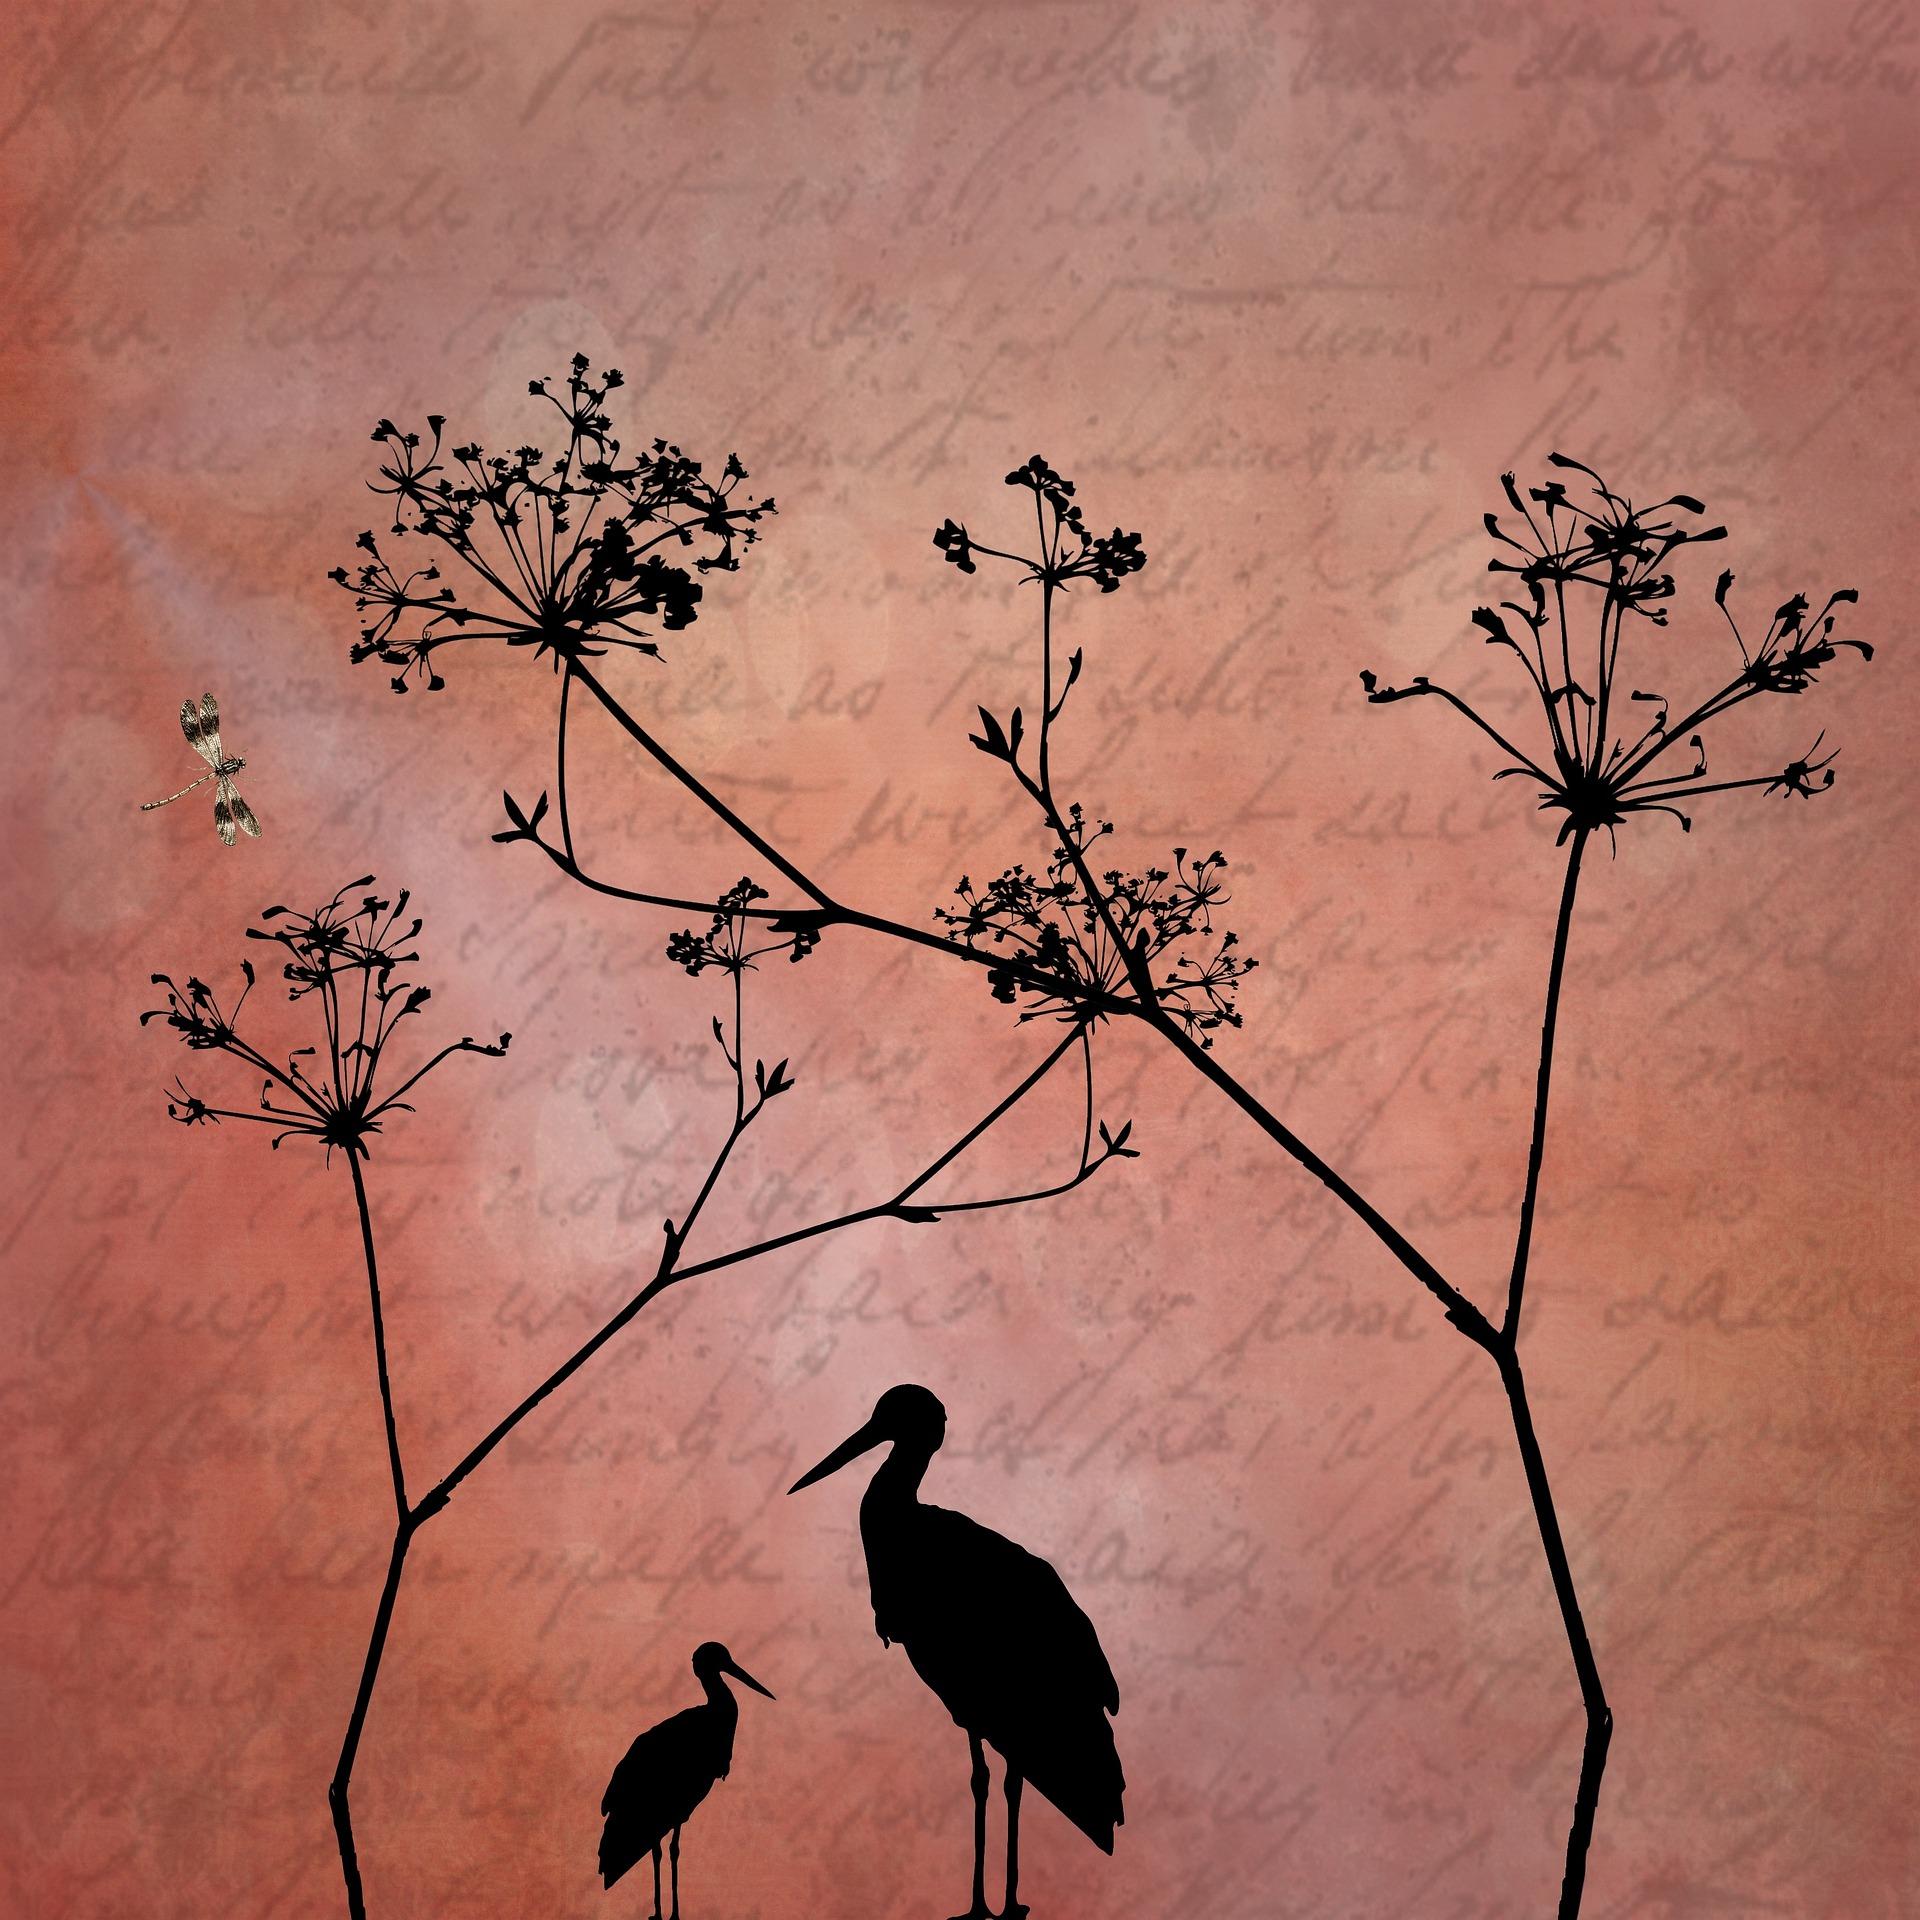 Art, Shadows, Texture, Rough, Plants, HQ Photo